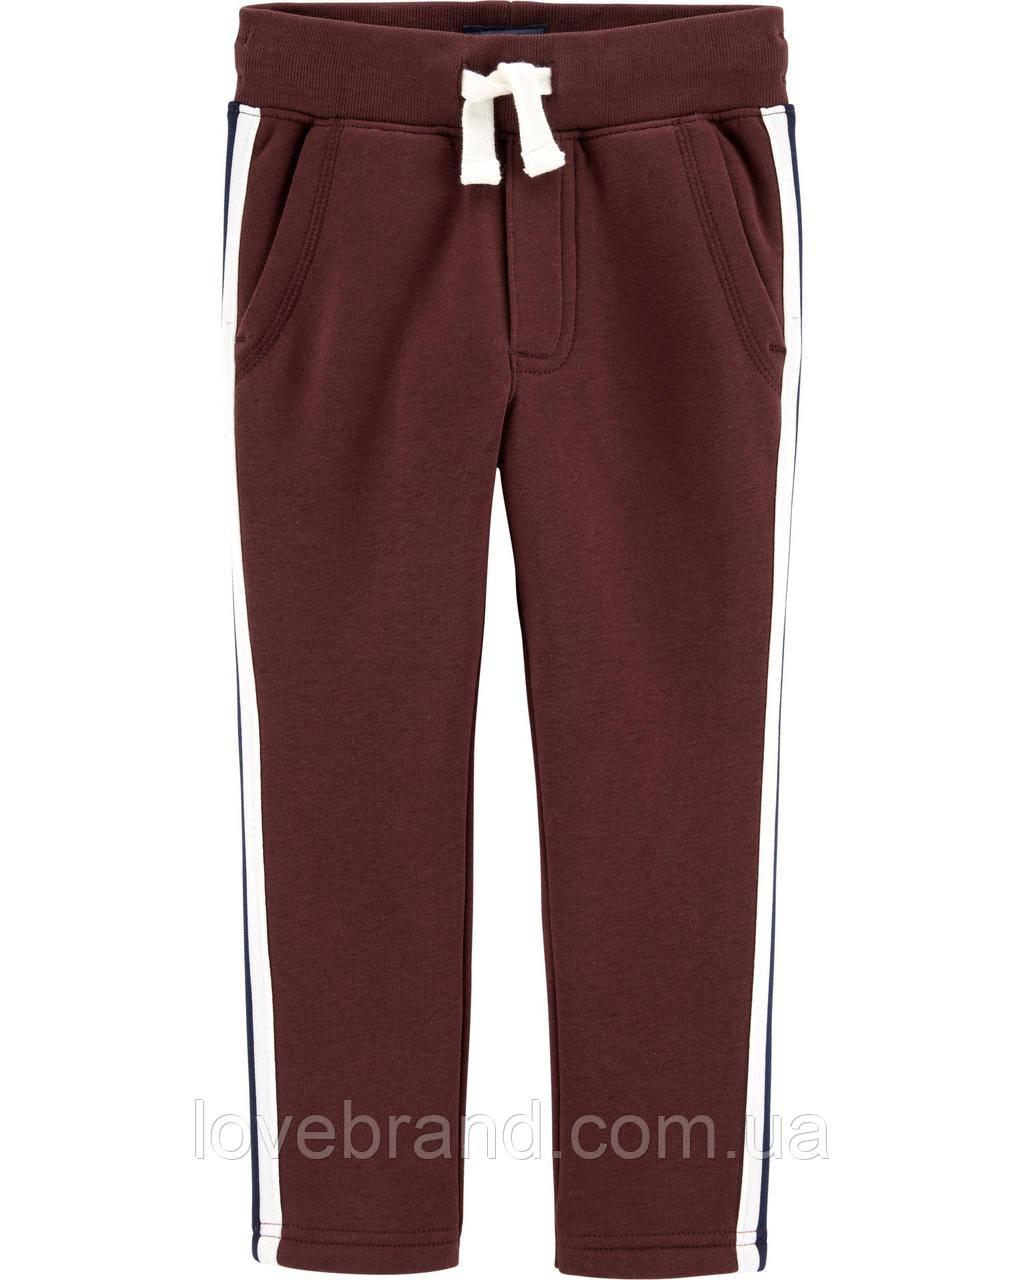 Теплые спортивные штаны для мальчика OshKosh бордовые с лампасами